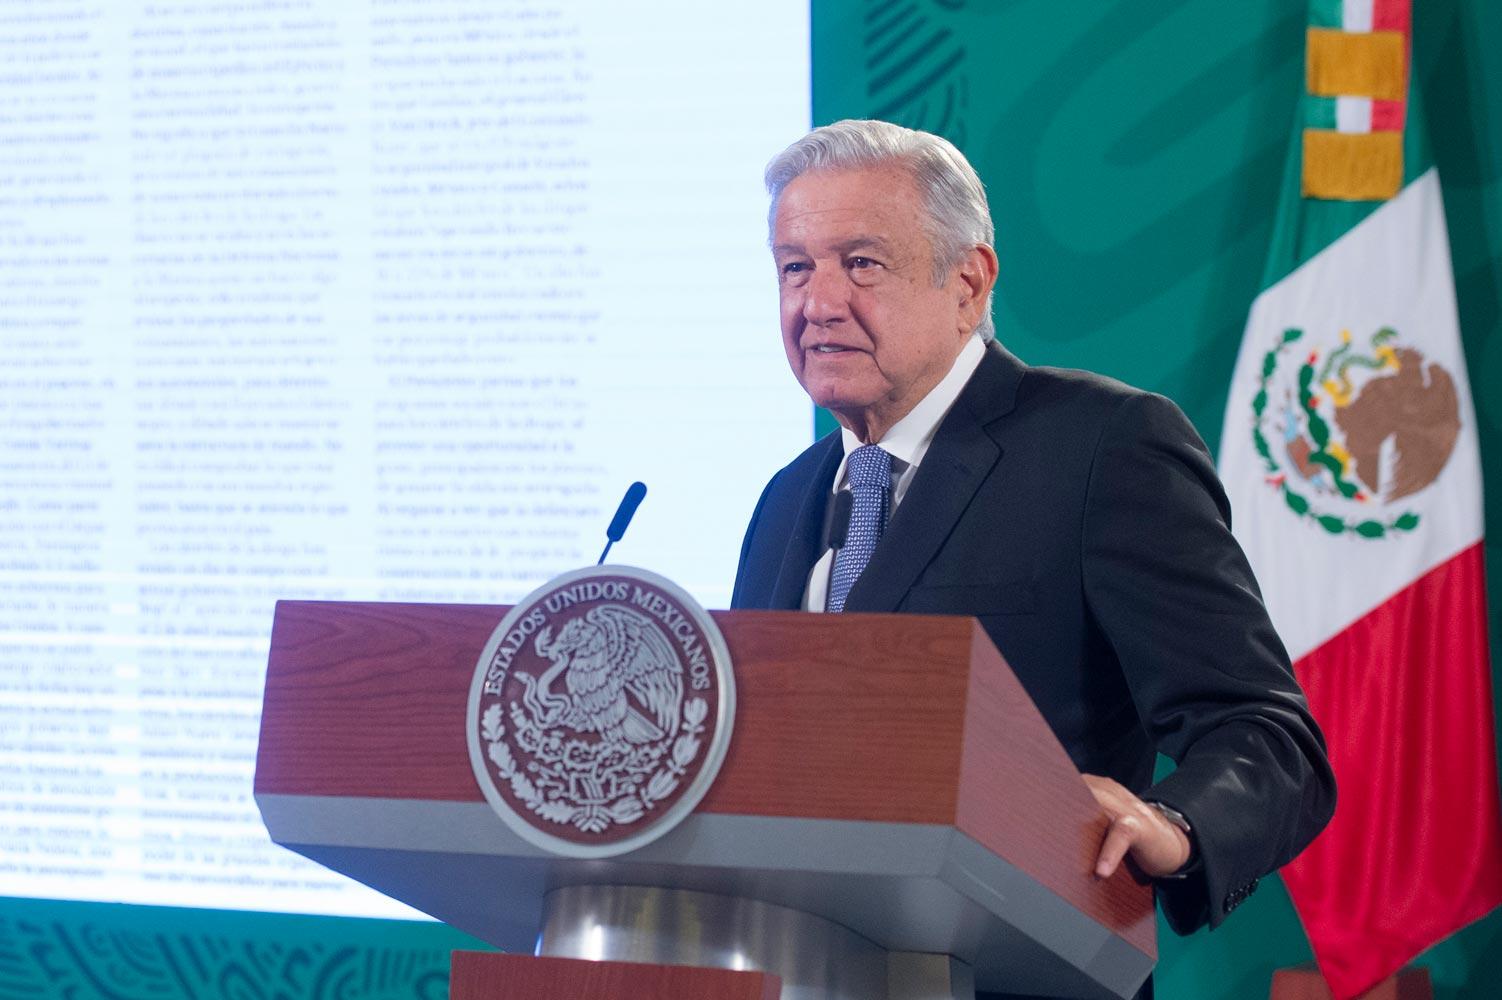 El presidente expresó su pésame y solidaridad a los familiares de las víctimas del accidente en la Línea 12, aseguró que no se va a ocultar absolutamente nada.